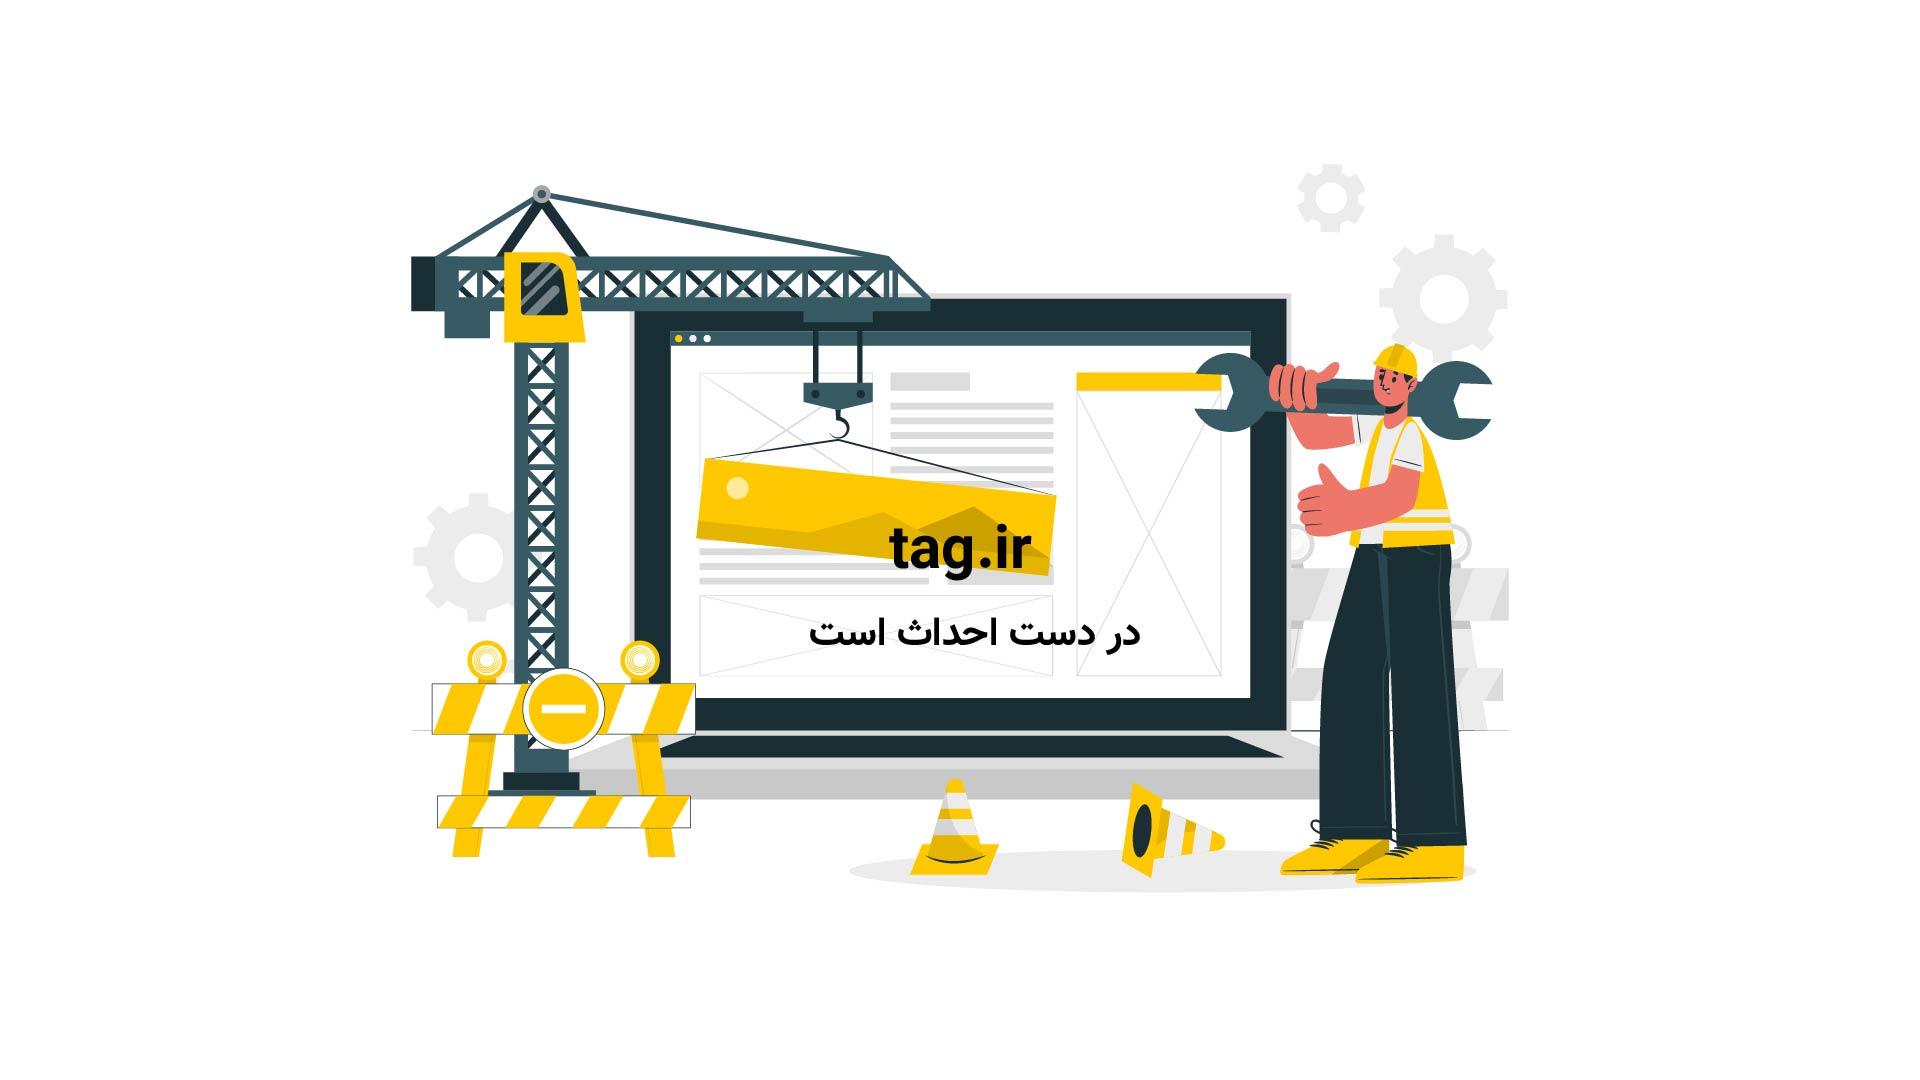 حمام پرندگان | تگ